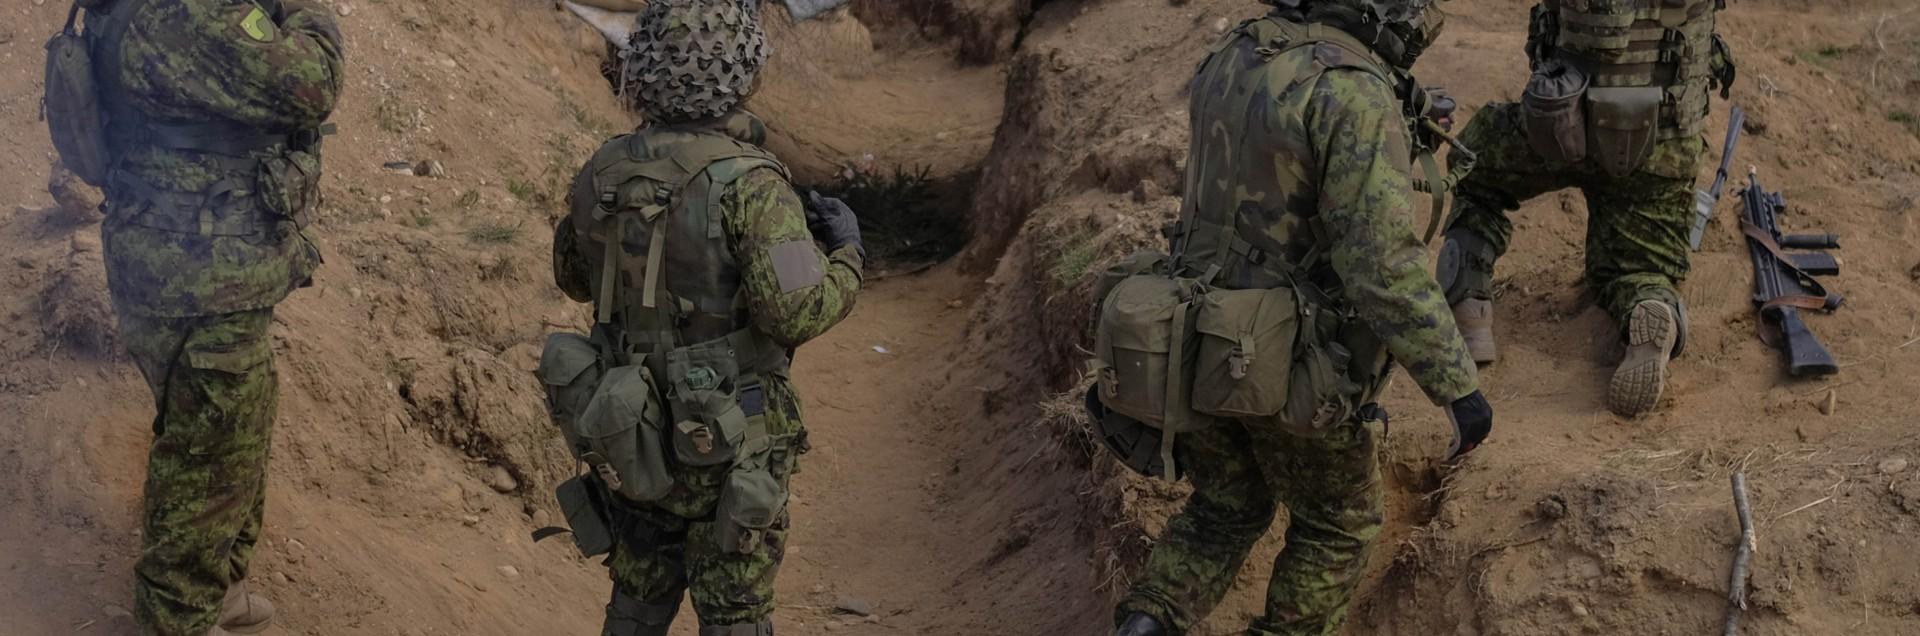 L'esercito civile in difesa dell'Estonia